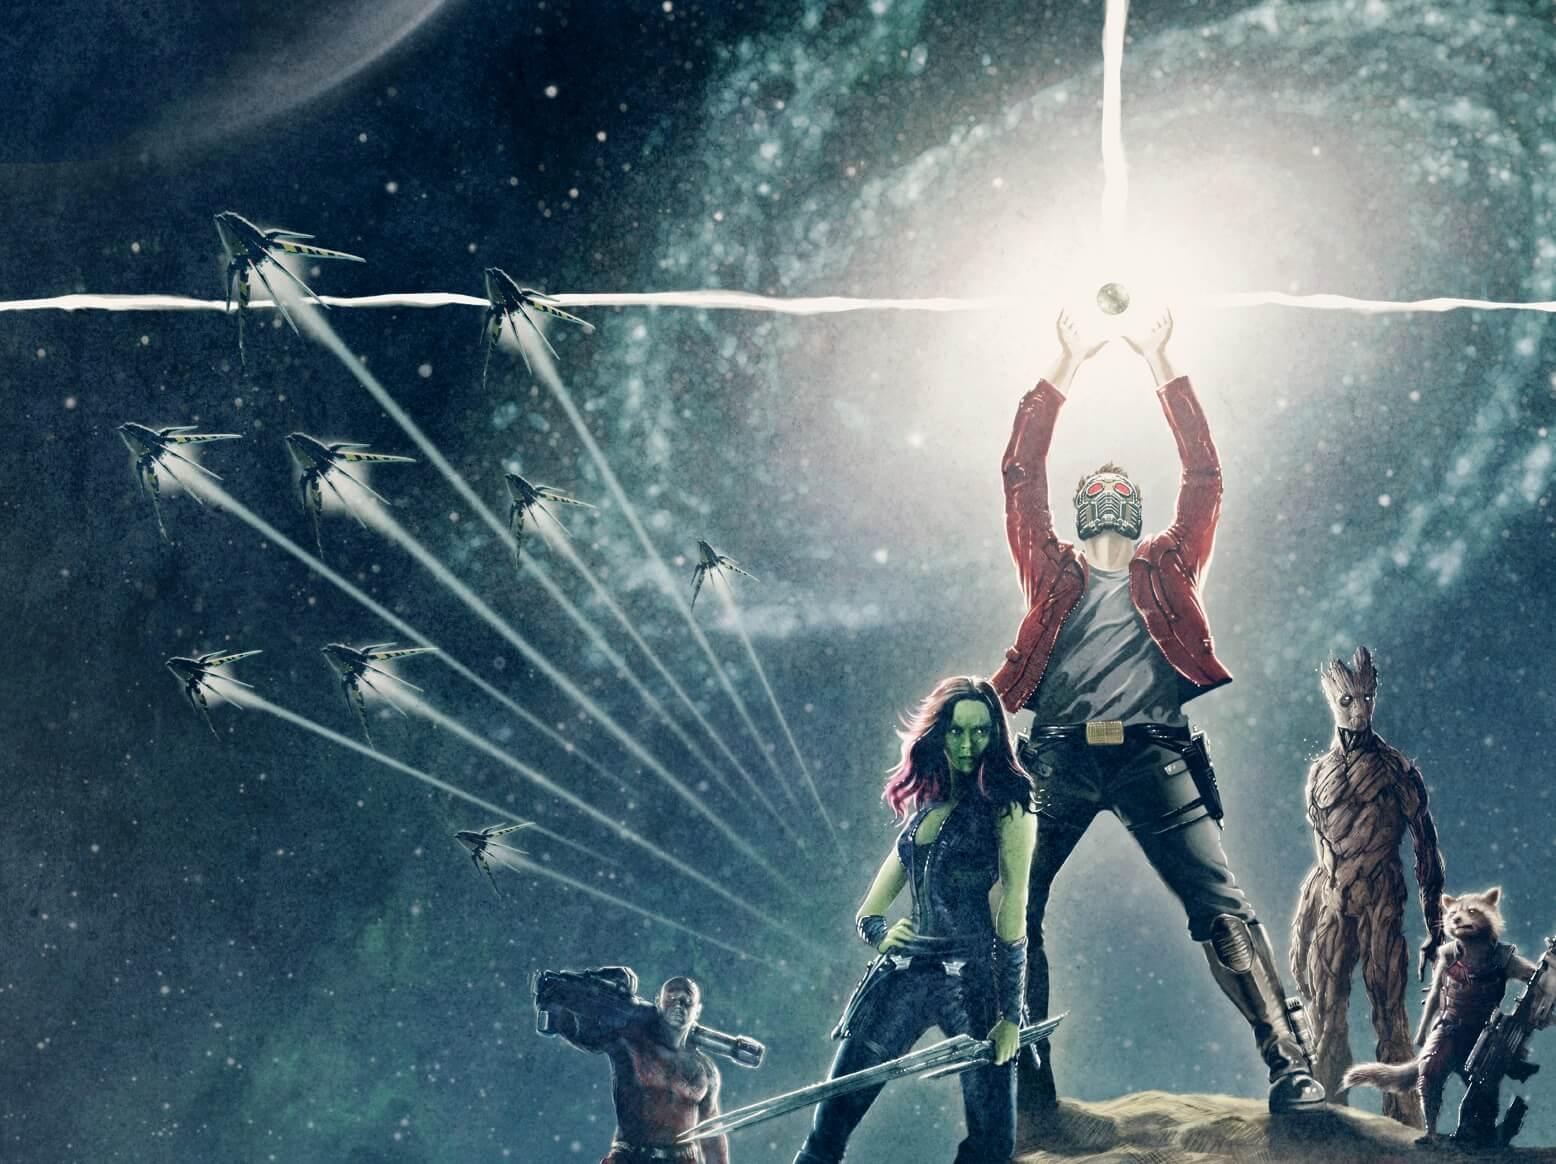 Guardiani della Galassia 2: Una delle locandine dei Guardiani della Galassia che emula Star Wars Episodio IV